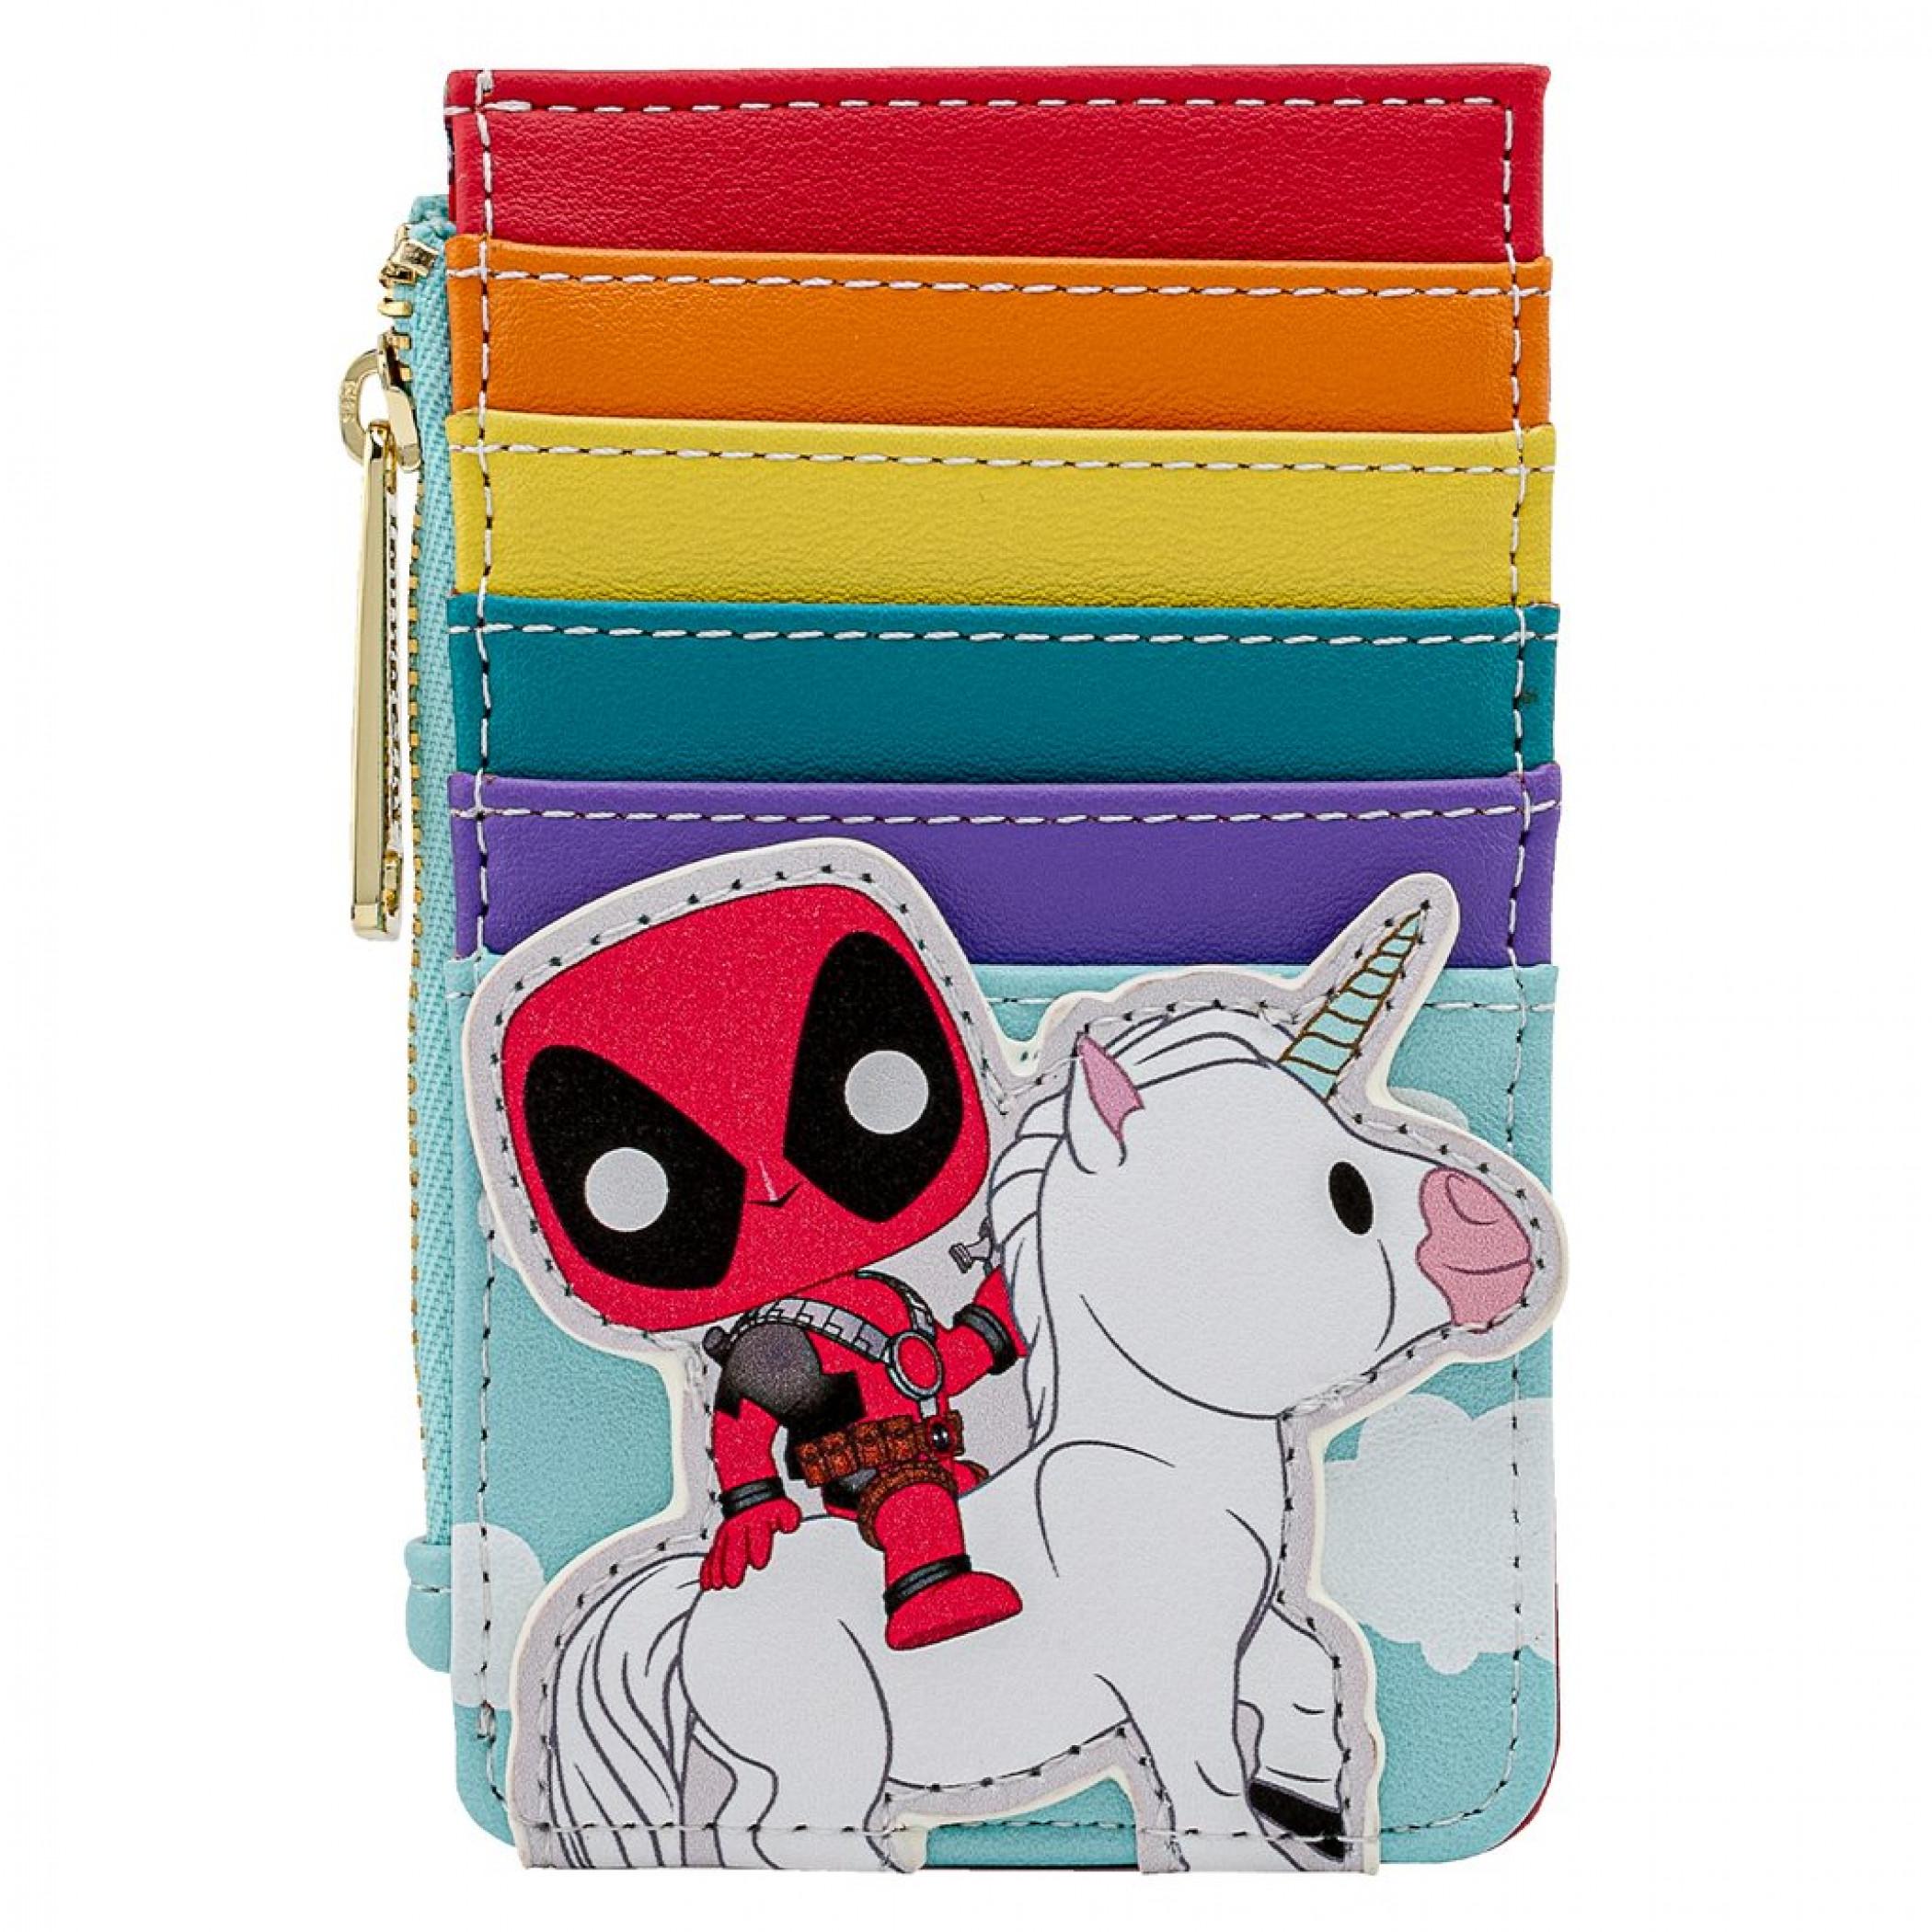 Marvel Deadpool 30th Anniversary Unicorn Rainbow Card Holder by Loungefly